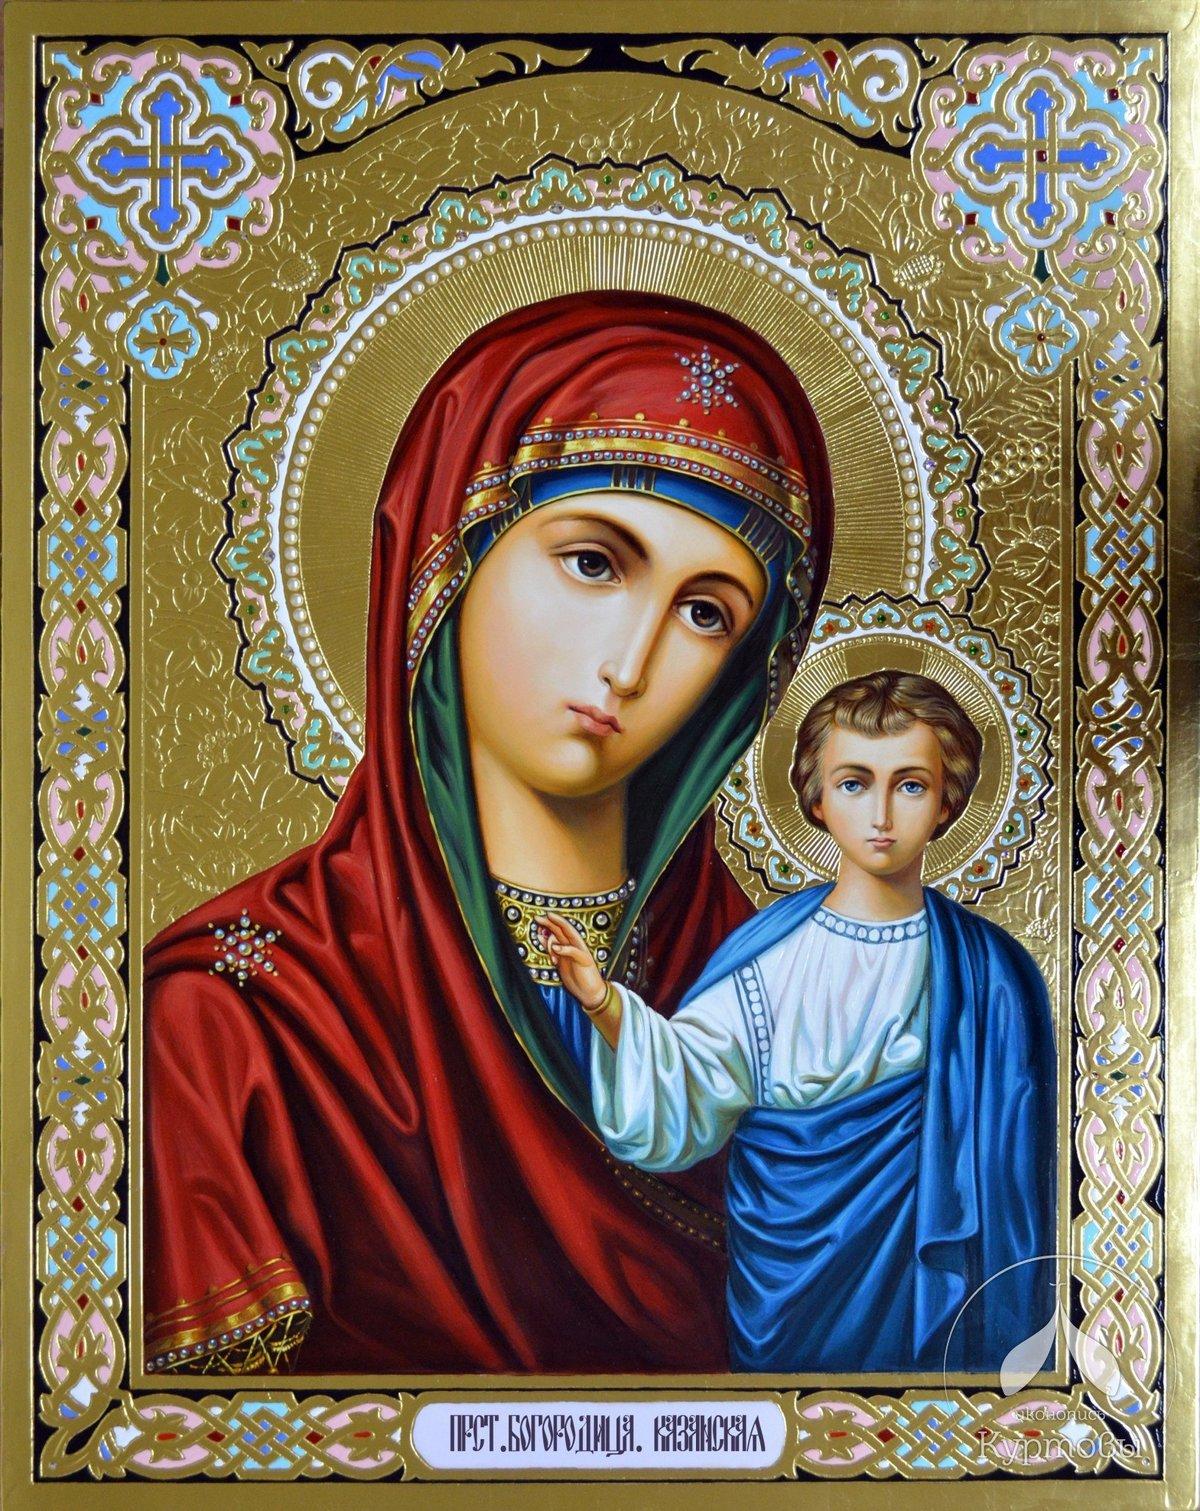 Надписями интересные, рисунок казанская божья матерь